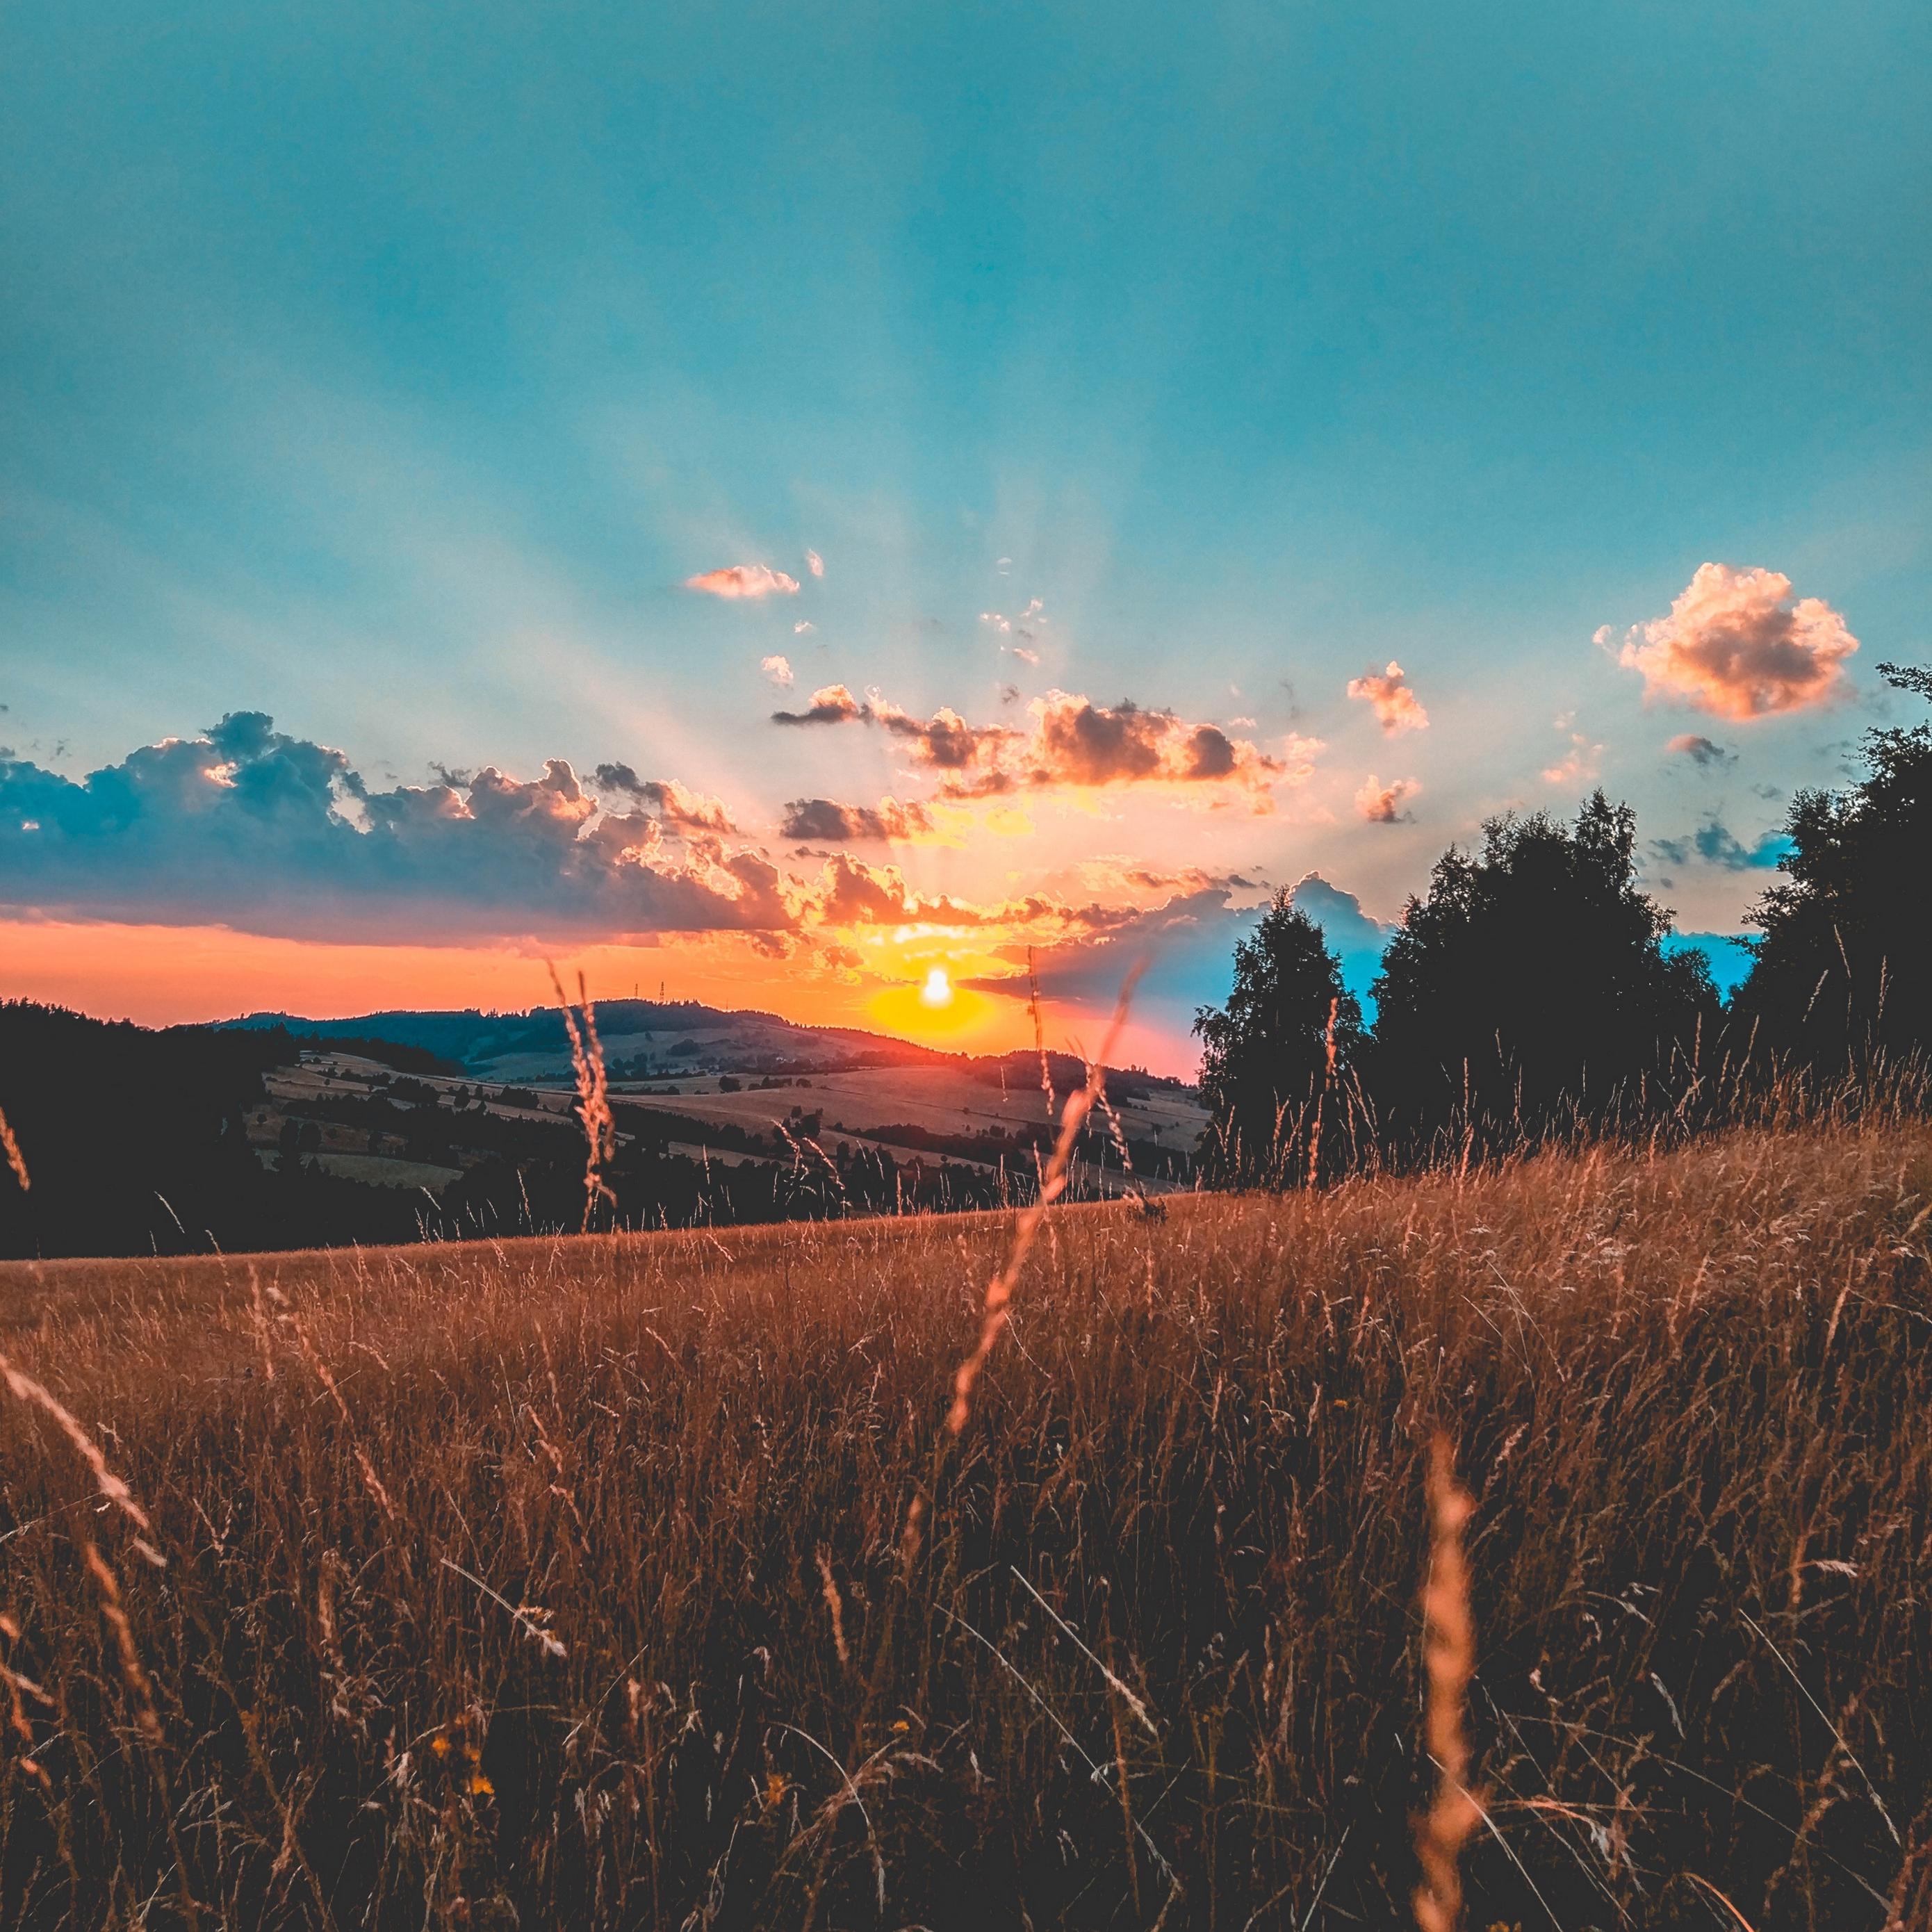 Download wallpaper 2780x2780 field sunset grass sky clouds 2780x2780